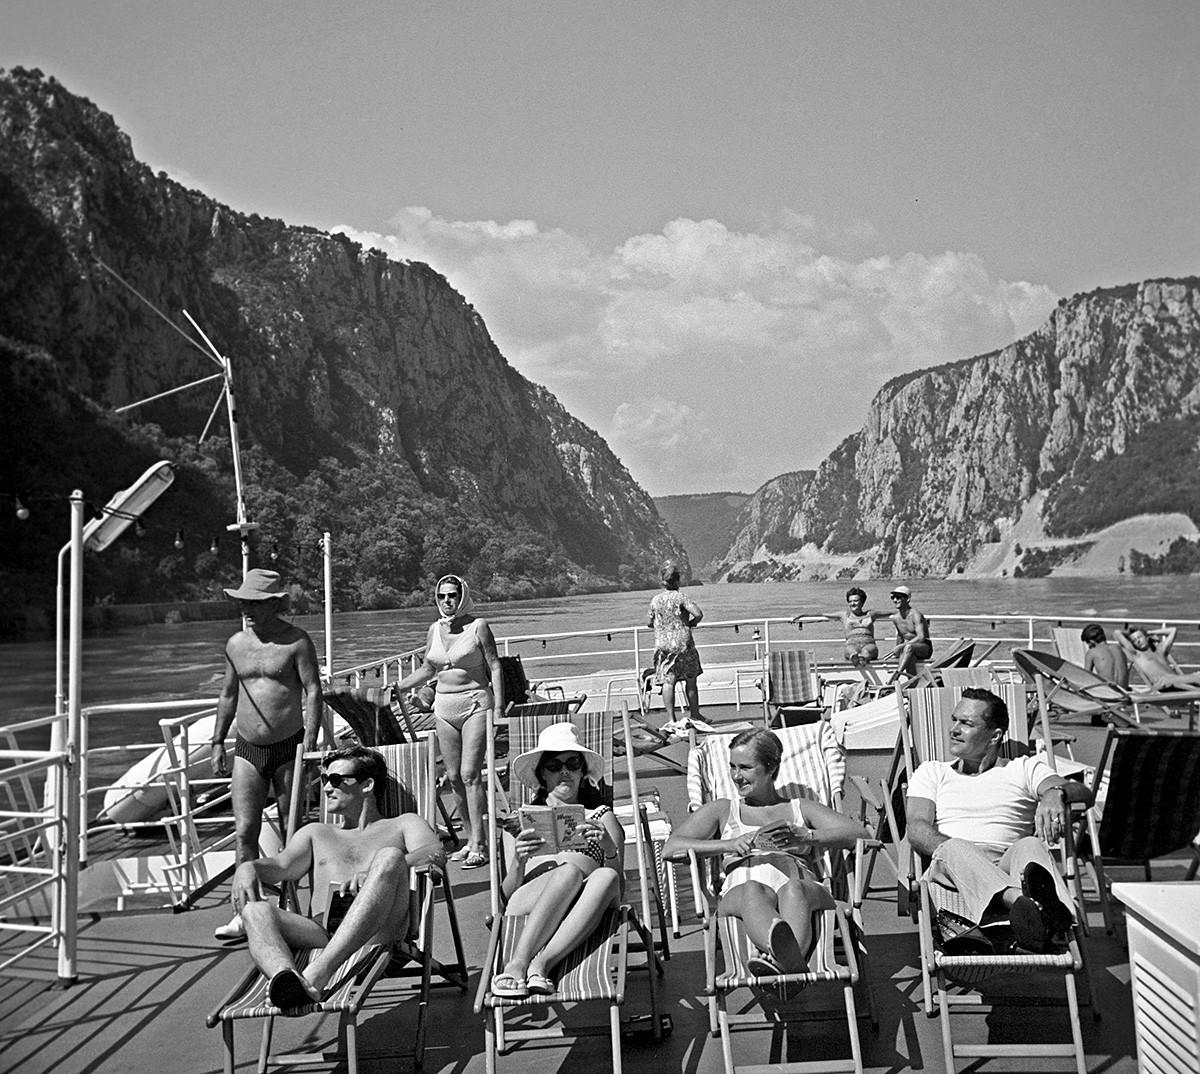 Turistas no convés de um navio no Danúbio, 1969